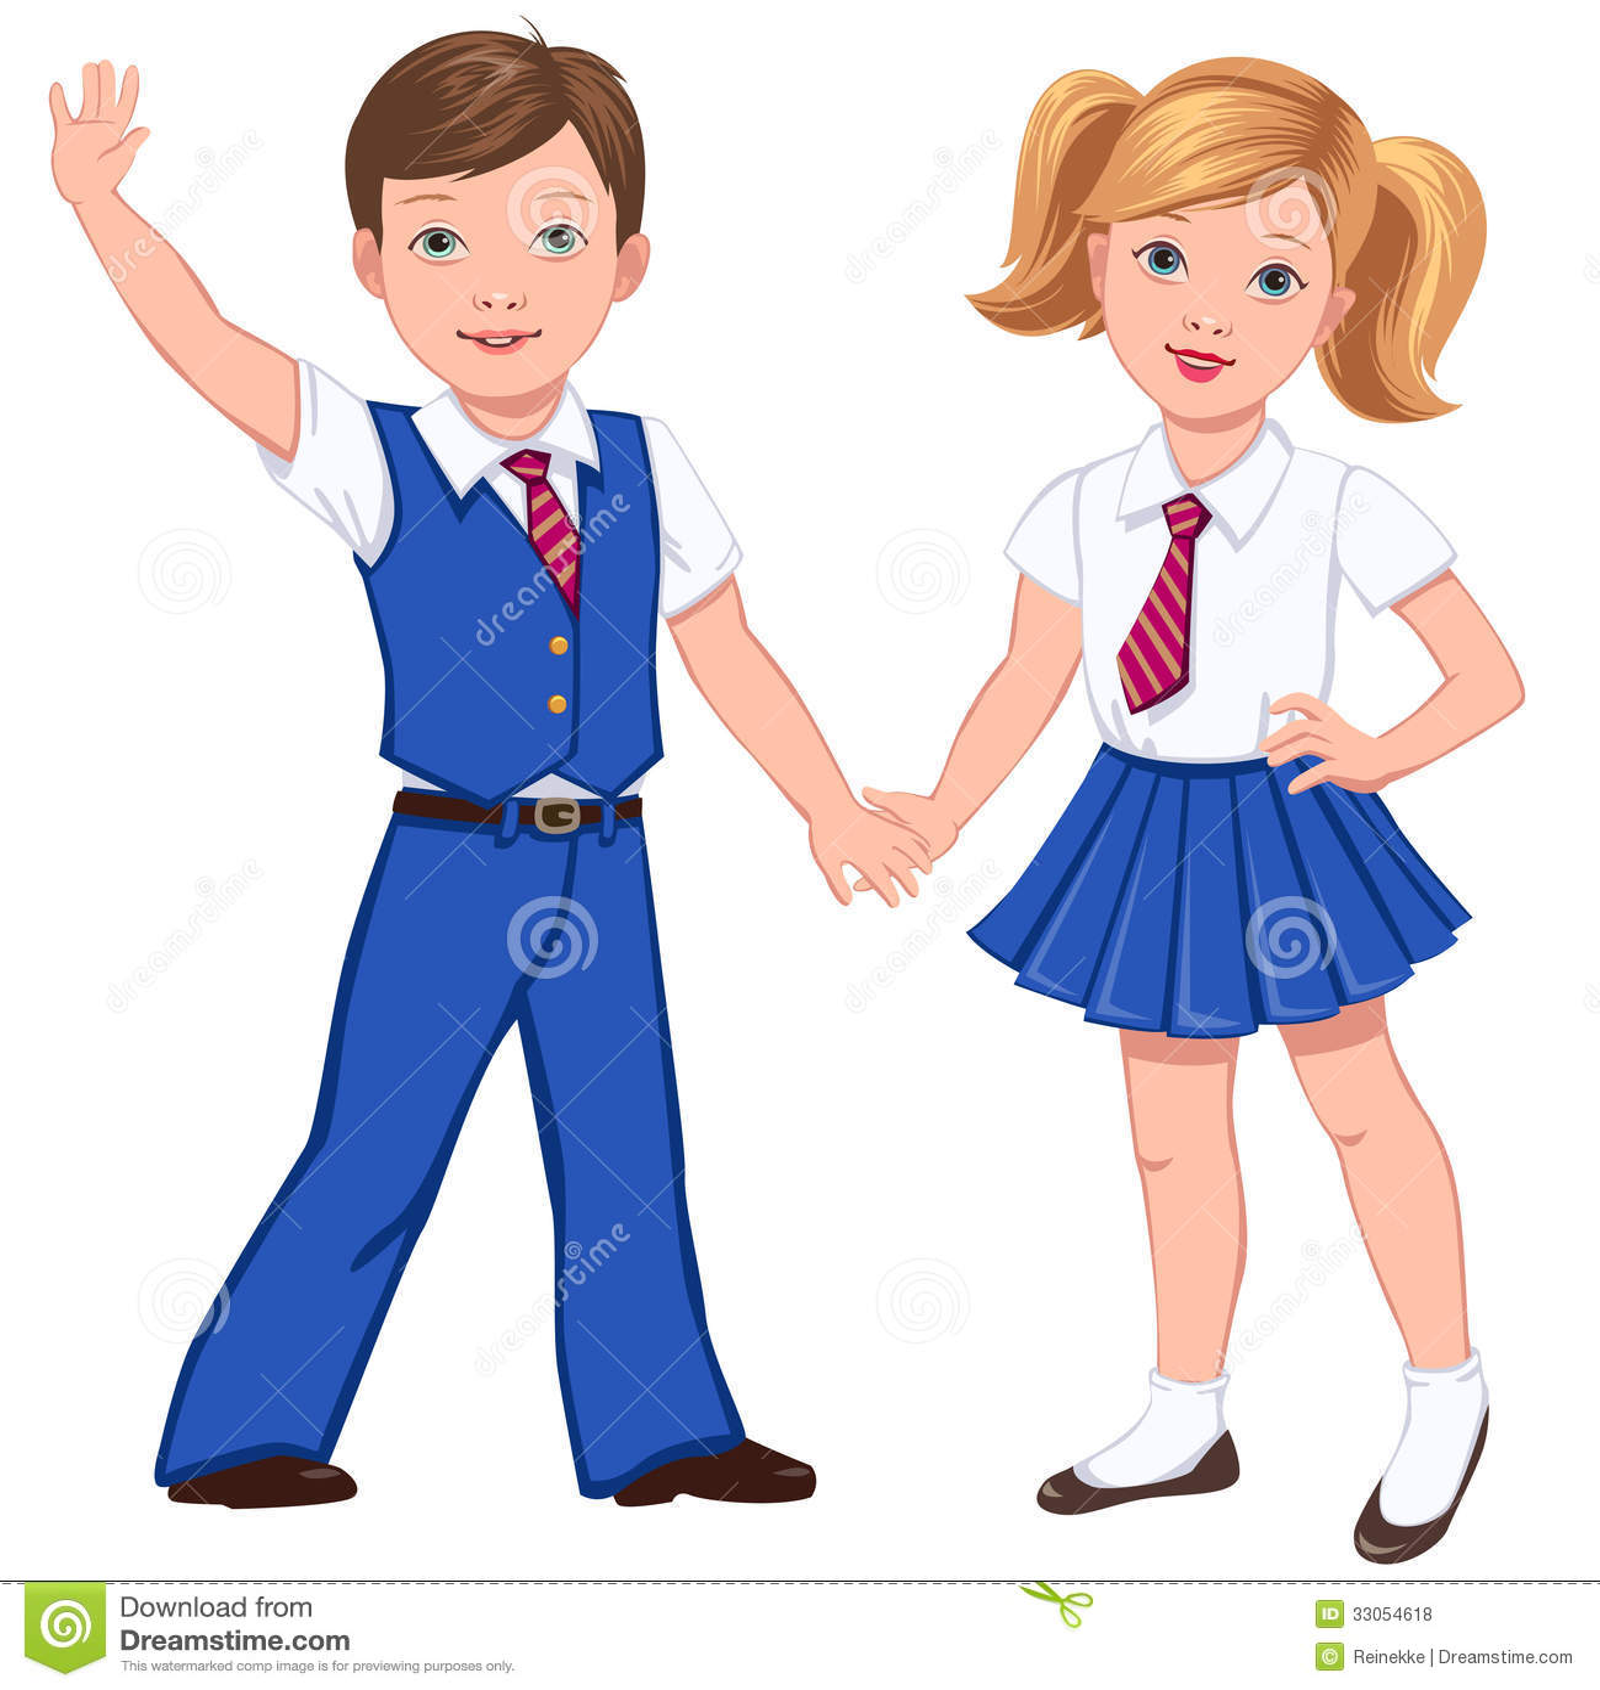 одежды мальчик и девочка картинки термобелье